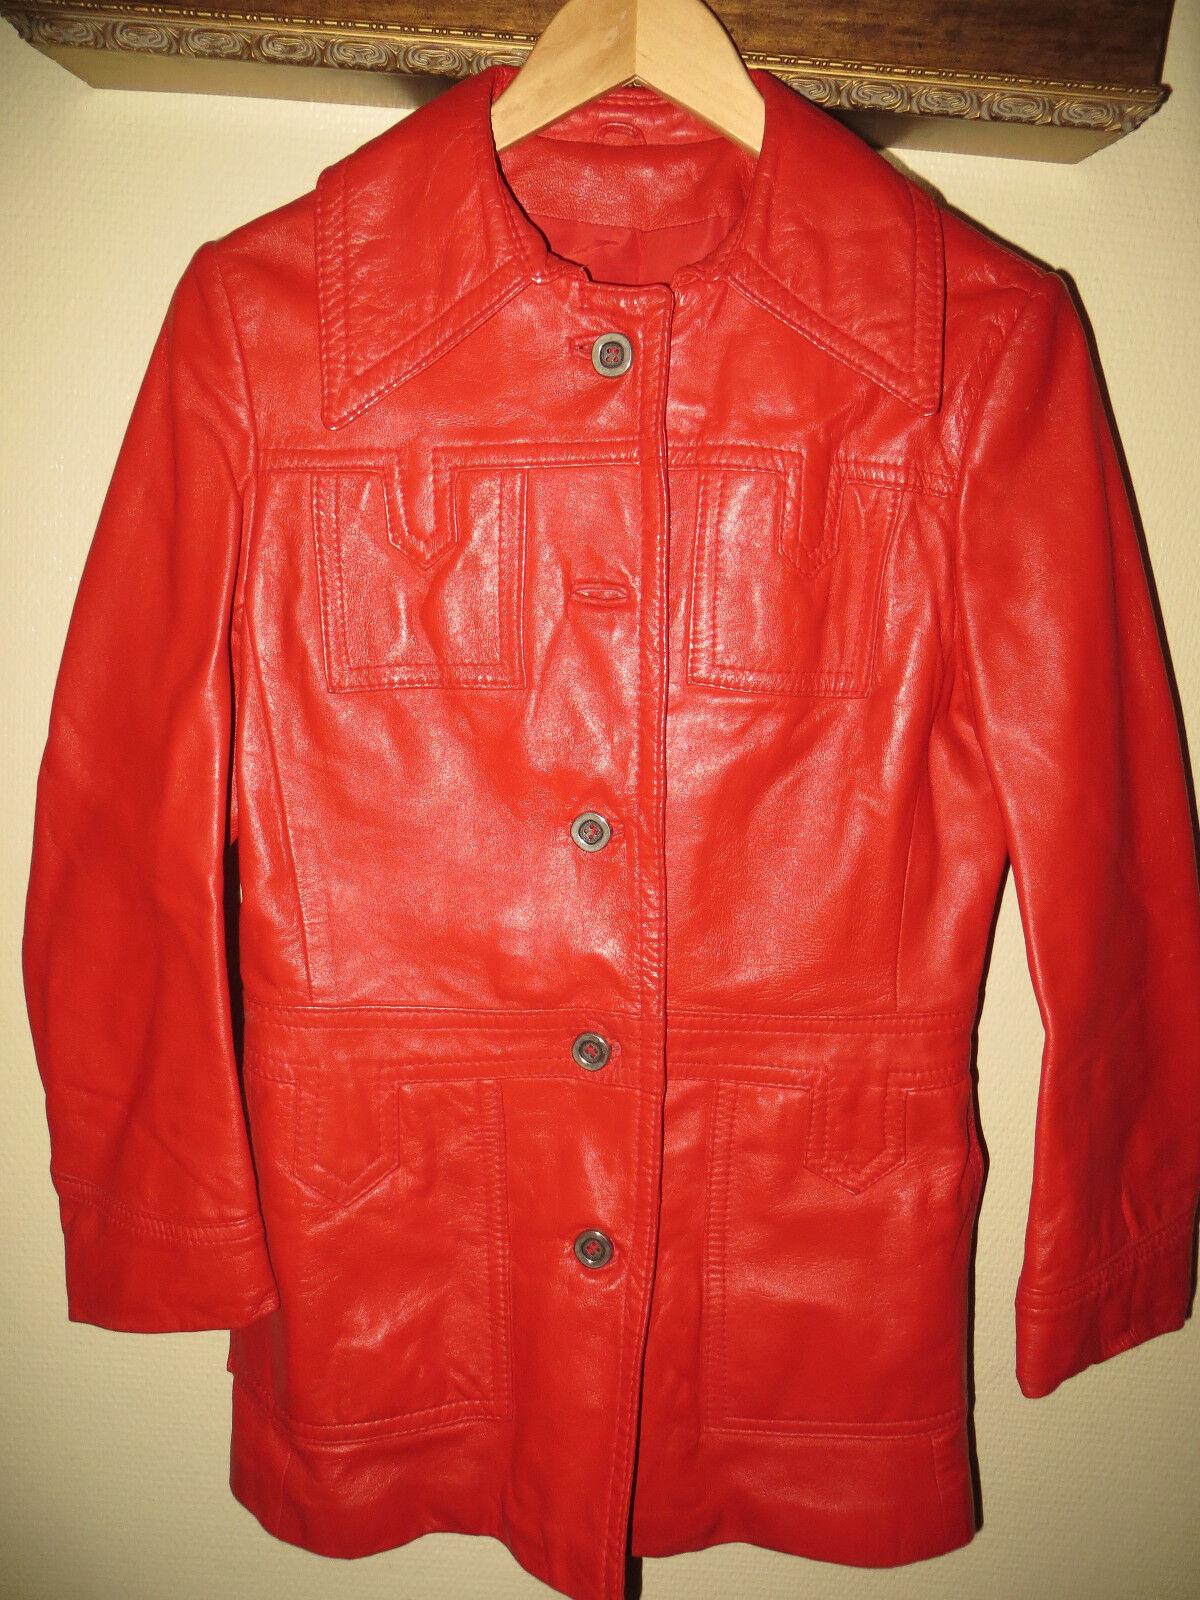 Fire Engine  rojo para mujer Chaqueta de Abrigo de cuero rojo años 70 hecho Israel Medio Tamaño 10  venta directa de fábrica